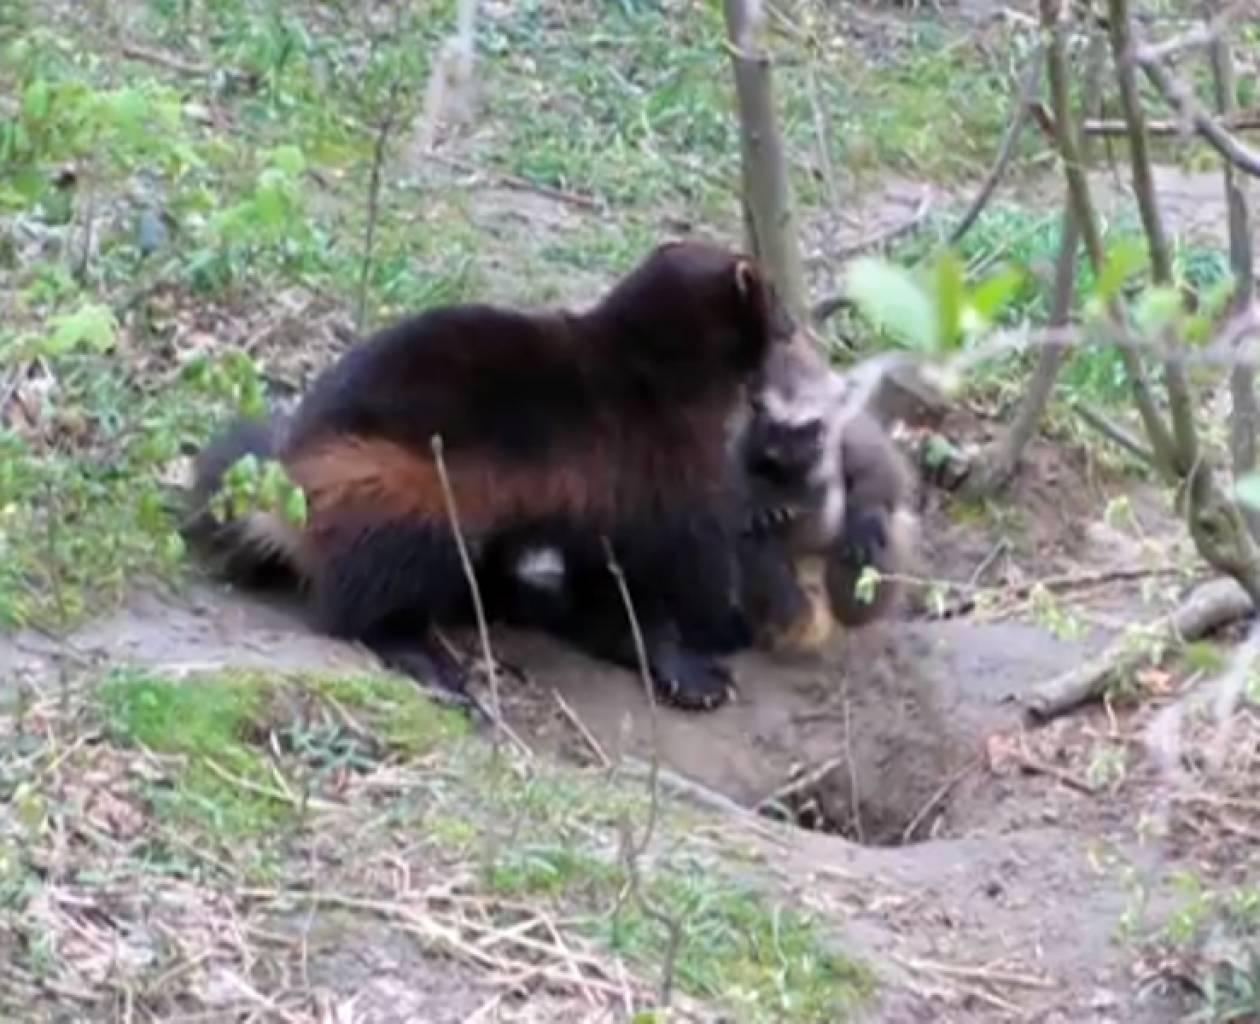 Βίντεο: Μικρό αρκουδάκι σε... μπελάδες!